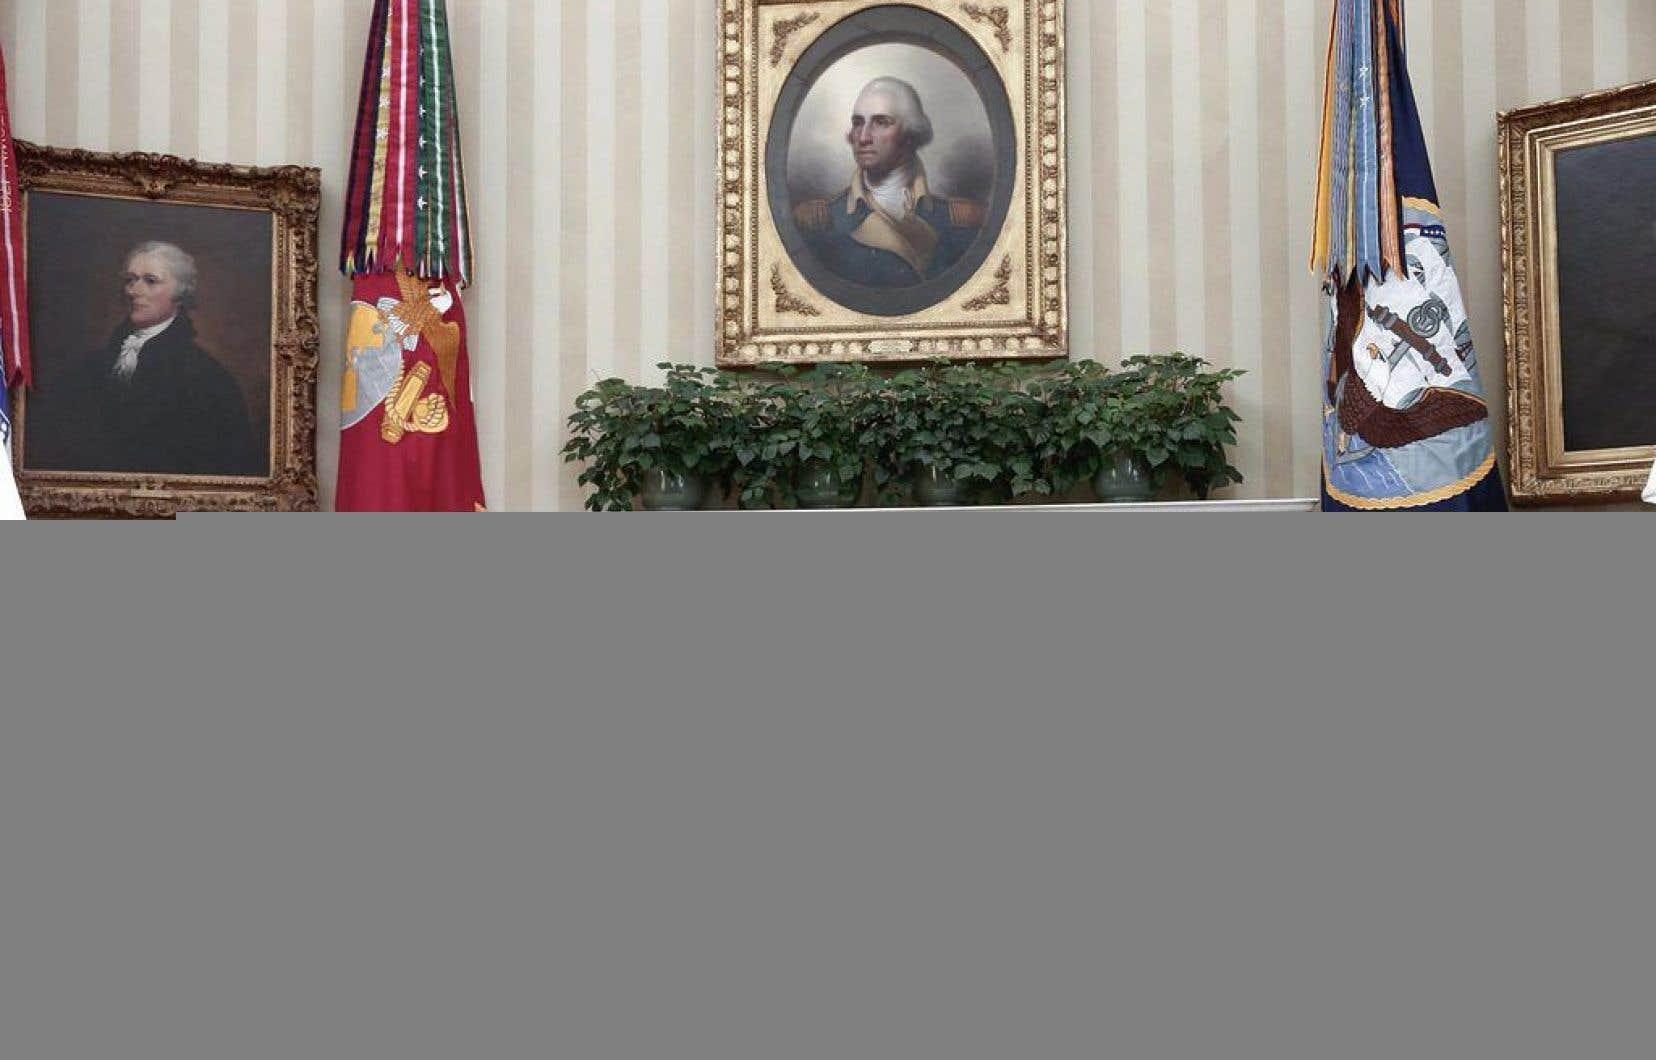 La rencontre entre MM.Trump et Lavrov a été perçue comme un coup diplomatique du Kremlin.